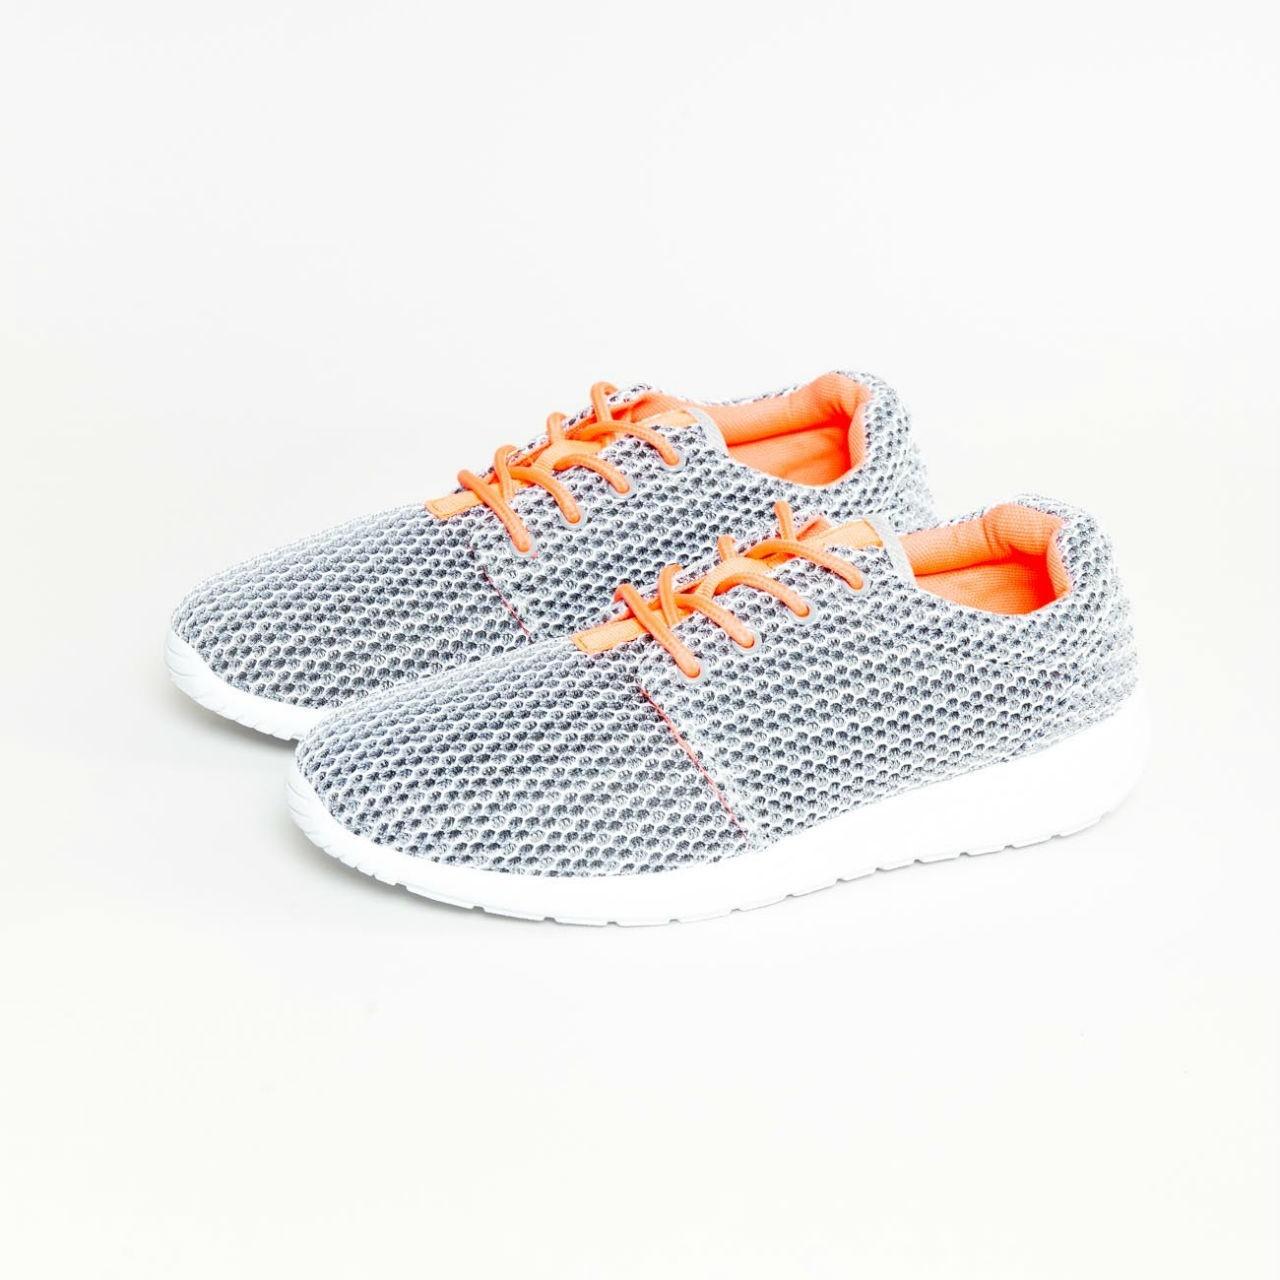 Šedé sportovní boty - 36